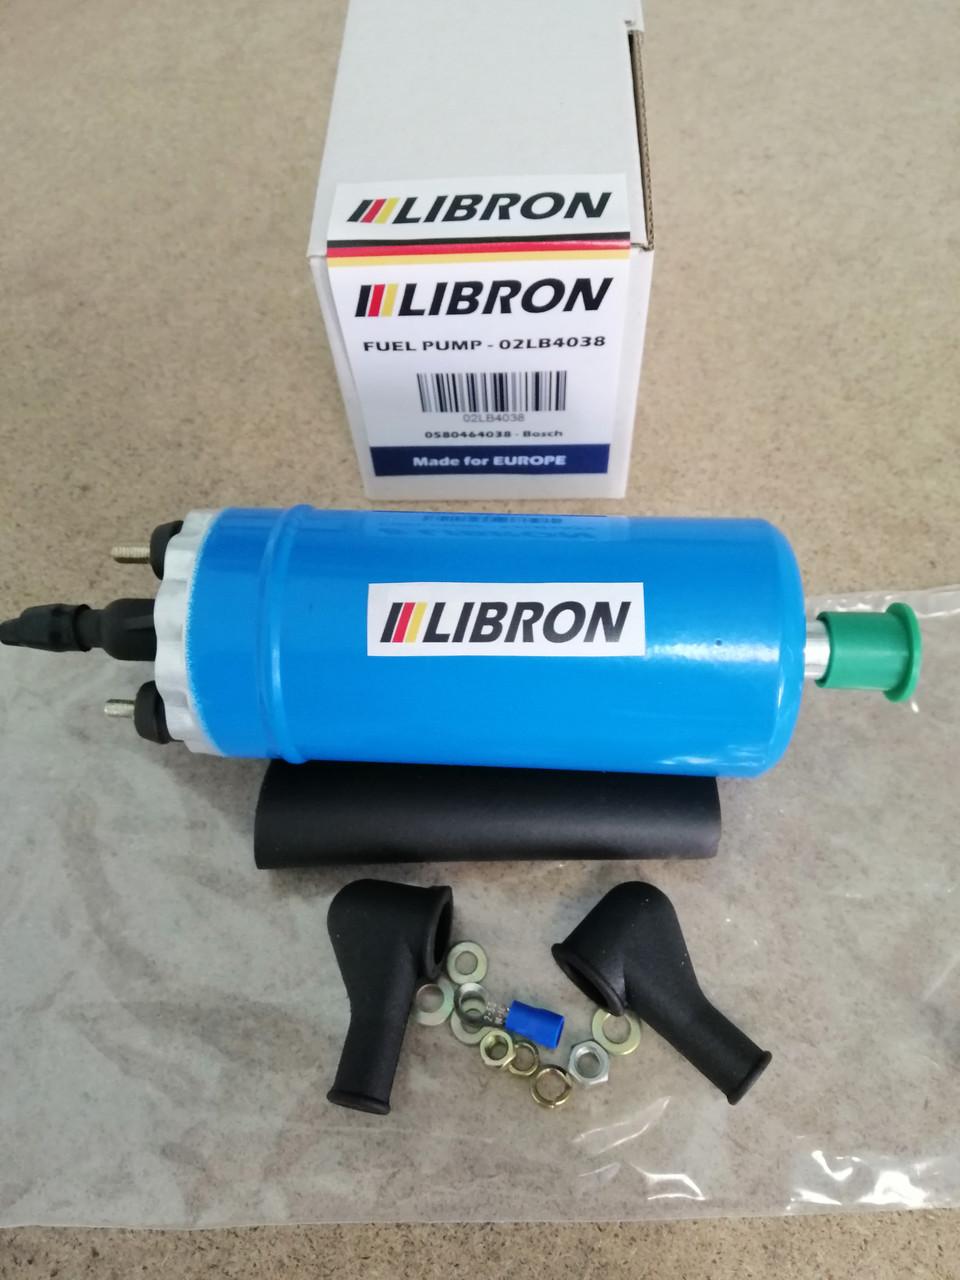 Бензонасос LIBRON 02LB4038 - Ситроен CX II 25 TRi (1985-1992)